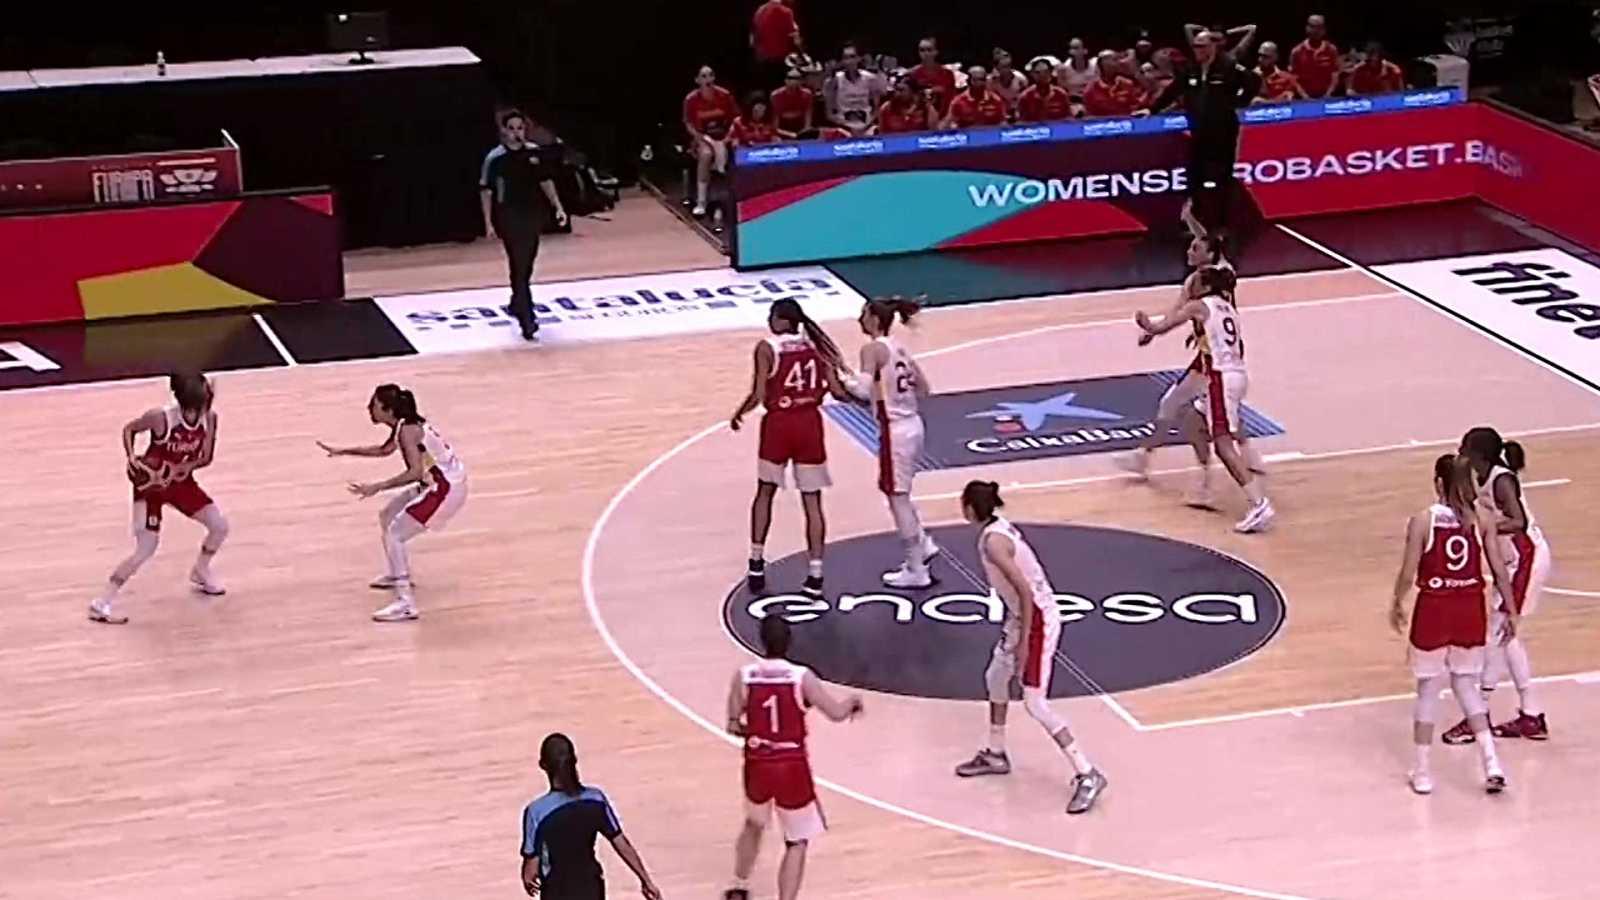 Baloncesto - Gira preparación Eurobasket femenino 2021: España - Turquía   - ver ahora